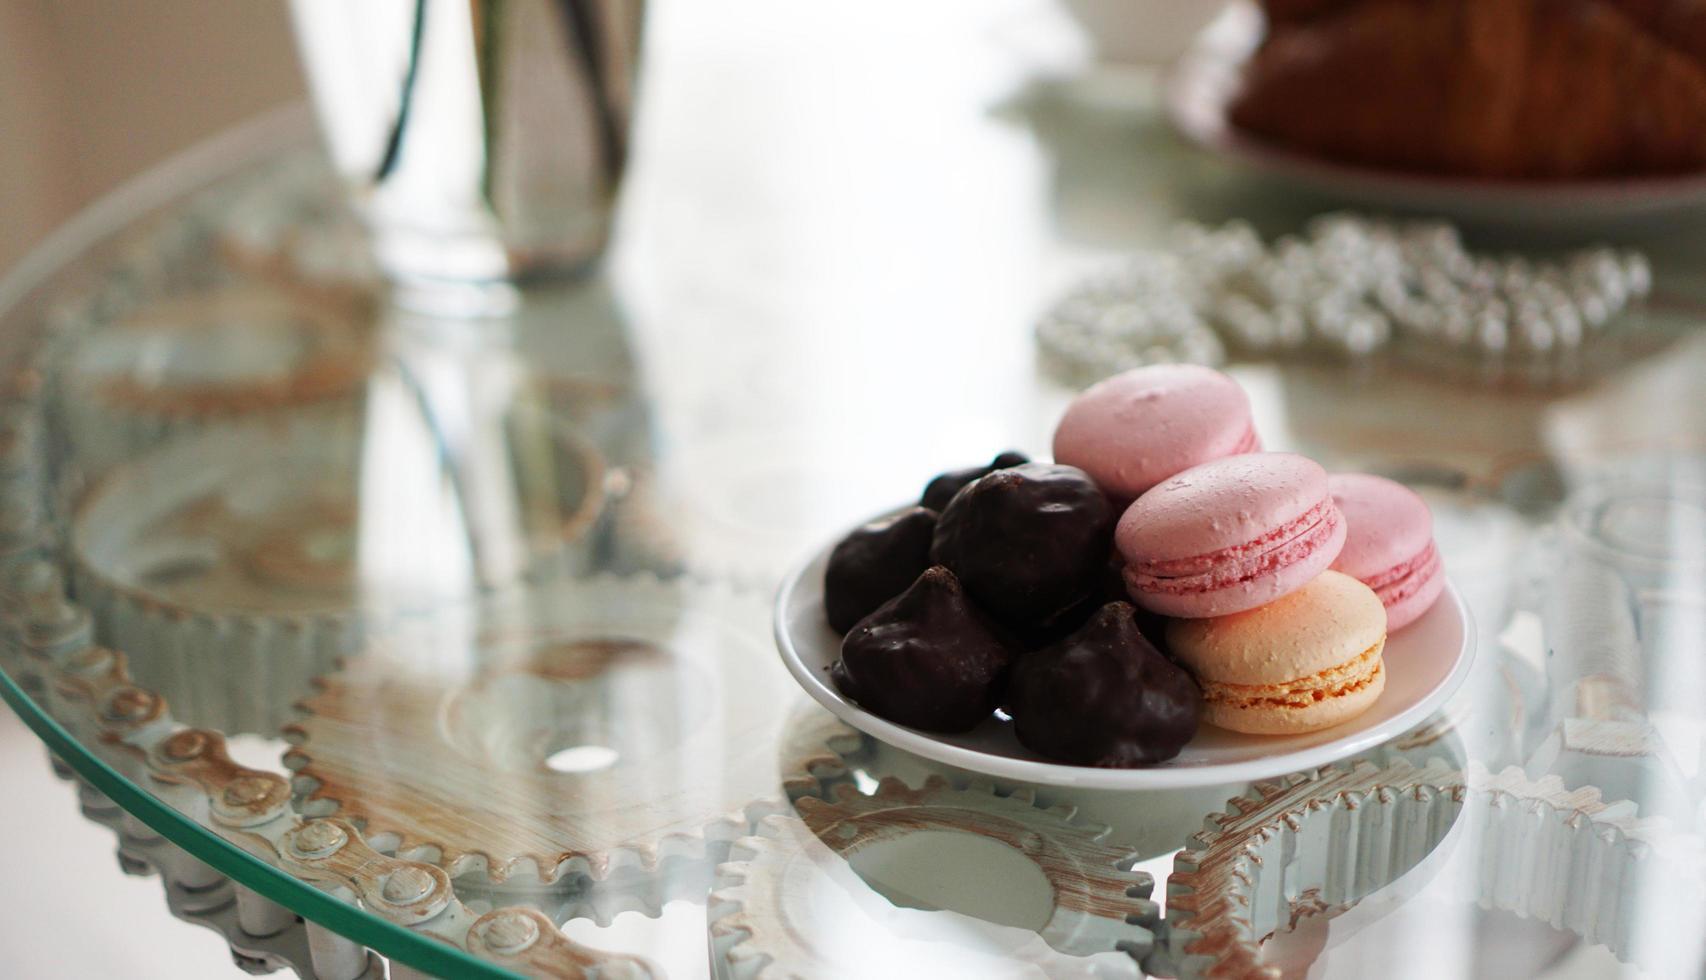 Makronen auf einem Glastisch. Süßigkeiten zum Frühstück. foto